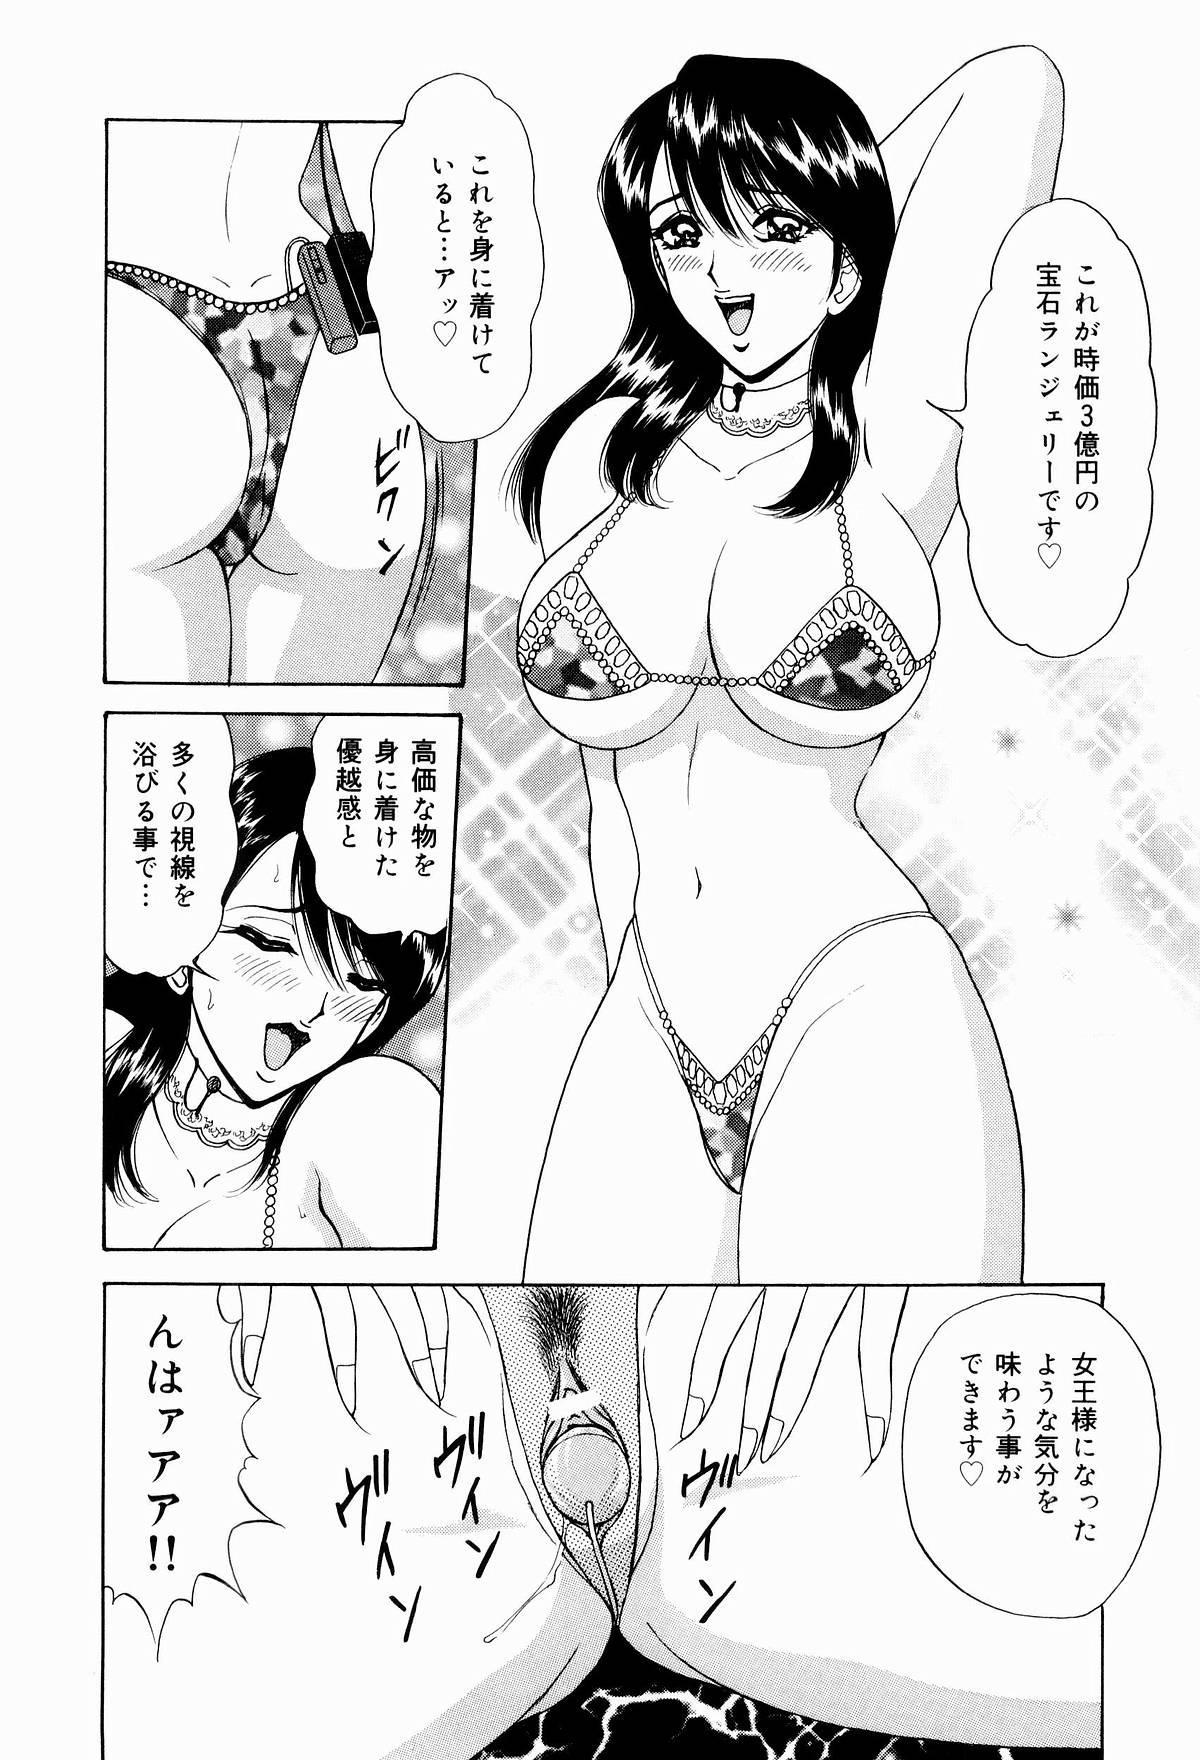 Kyonyuu Ana Konose Rie Suikappu Kiki Ippatsu 25